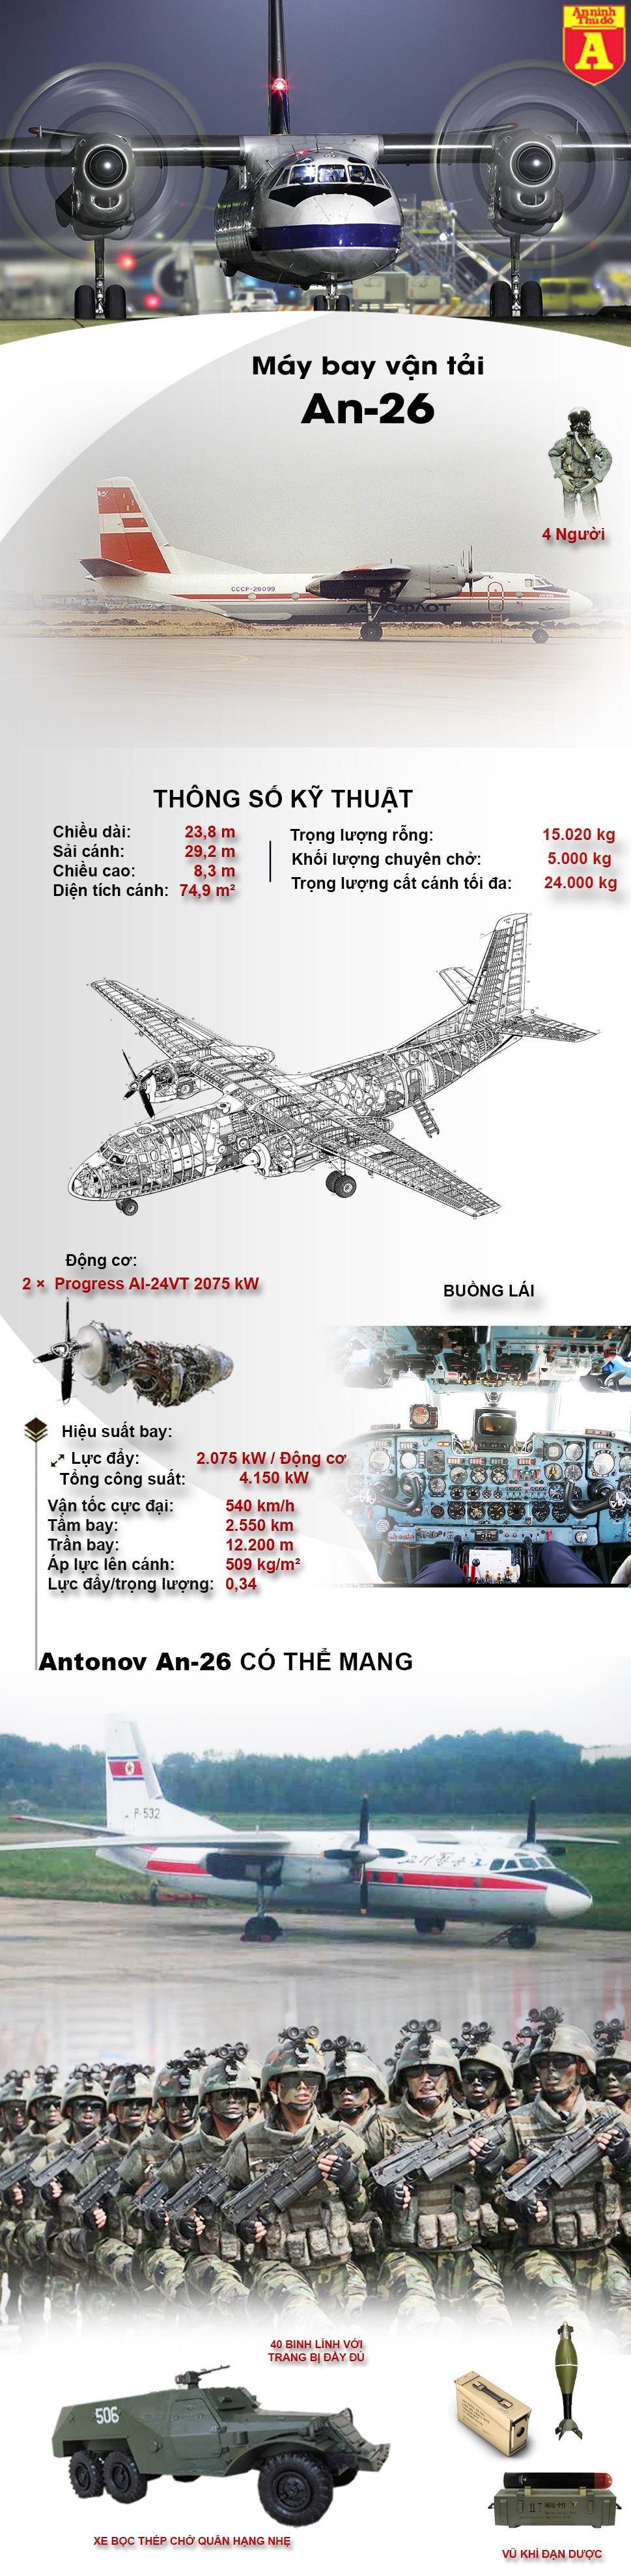 [Infographic] Phi đội vận tải không nên coi thường của Triều Tiên ảnh 2